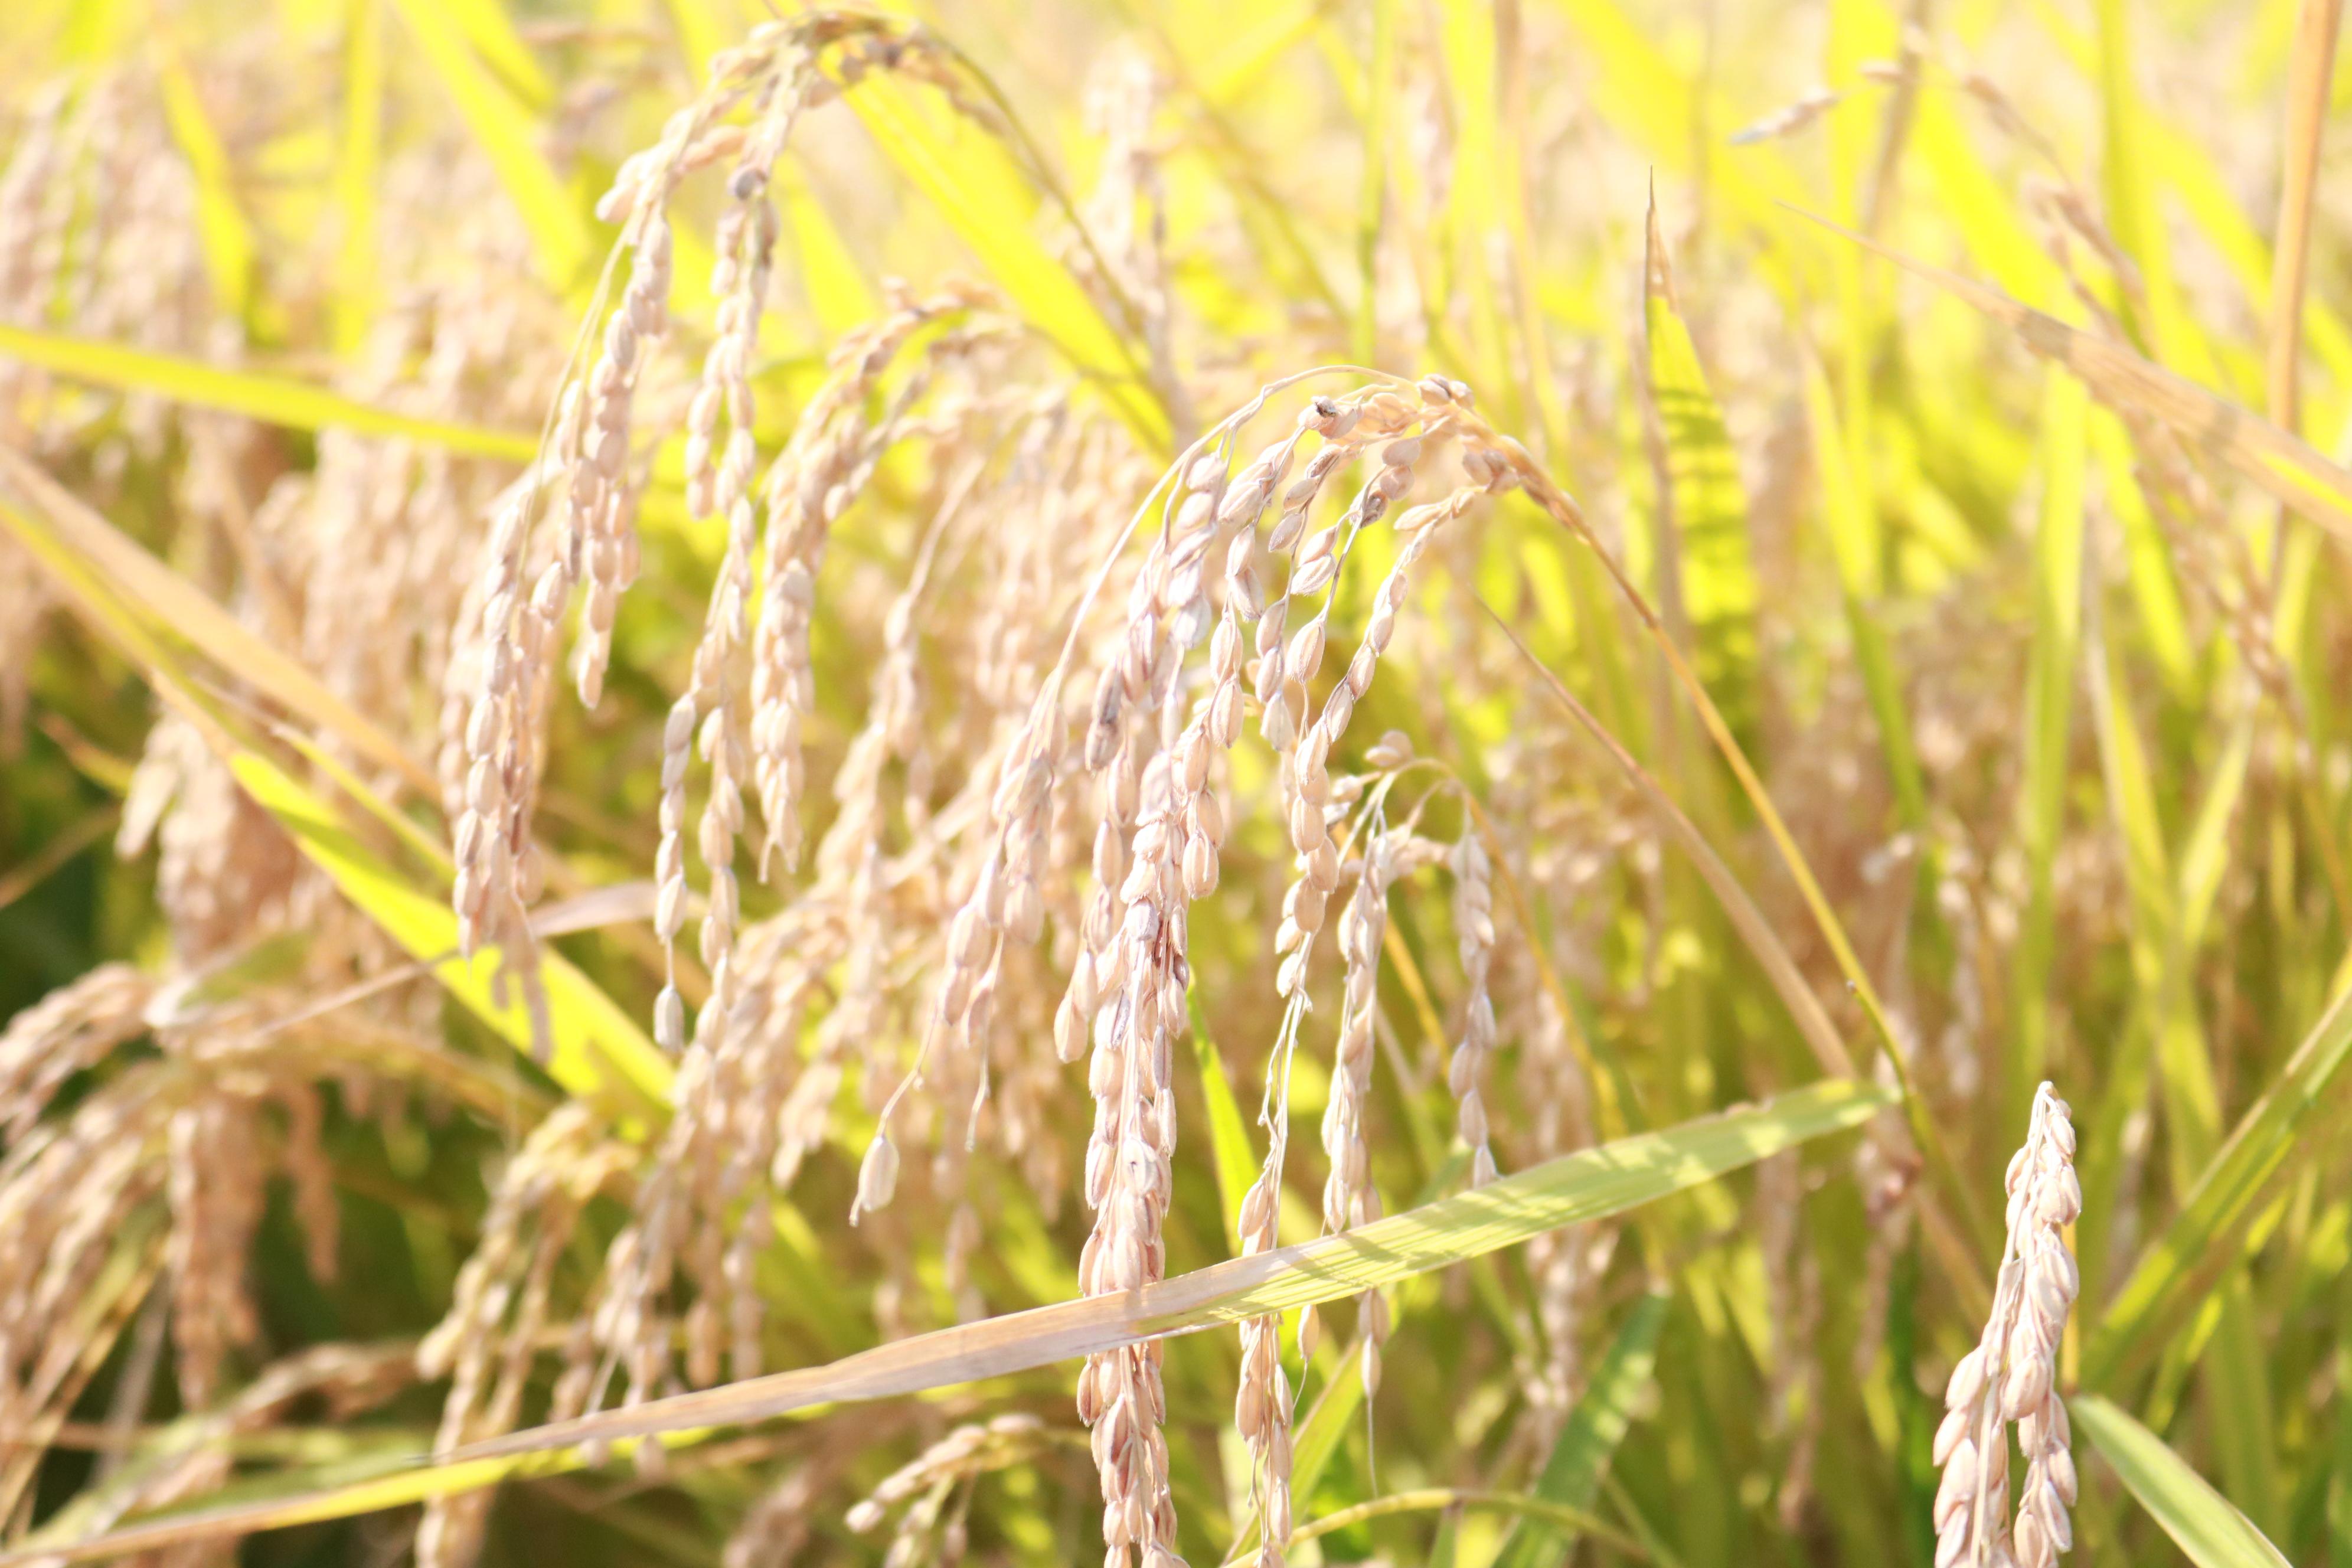 【募集中】農業体験@秋庭農園 「稲刈り」